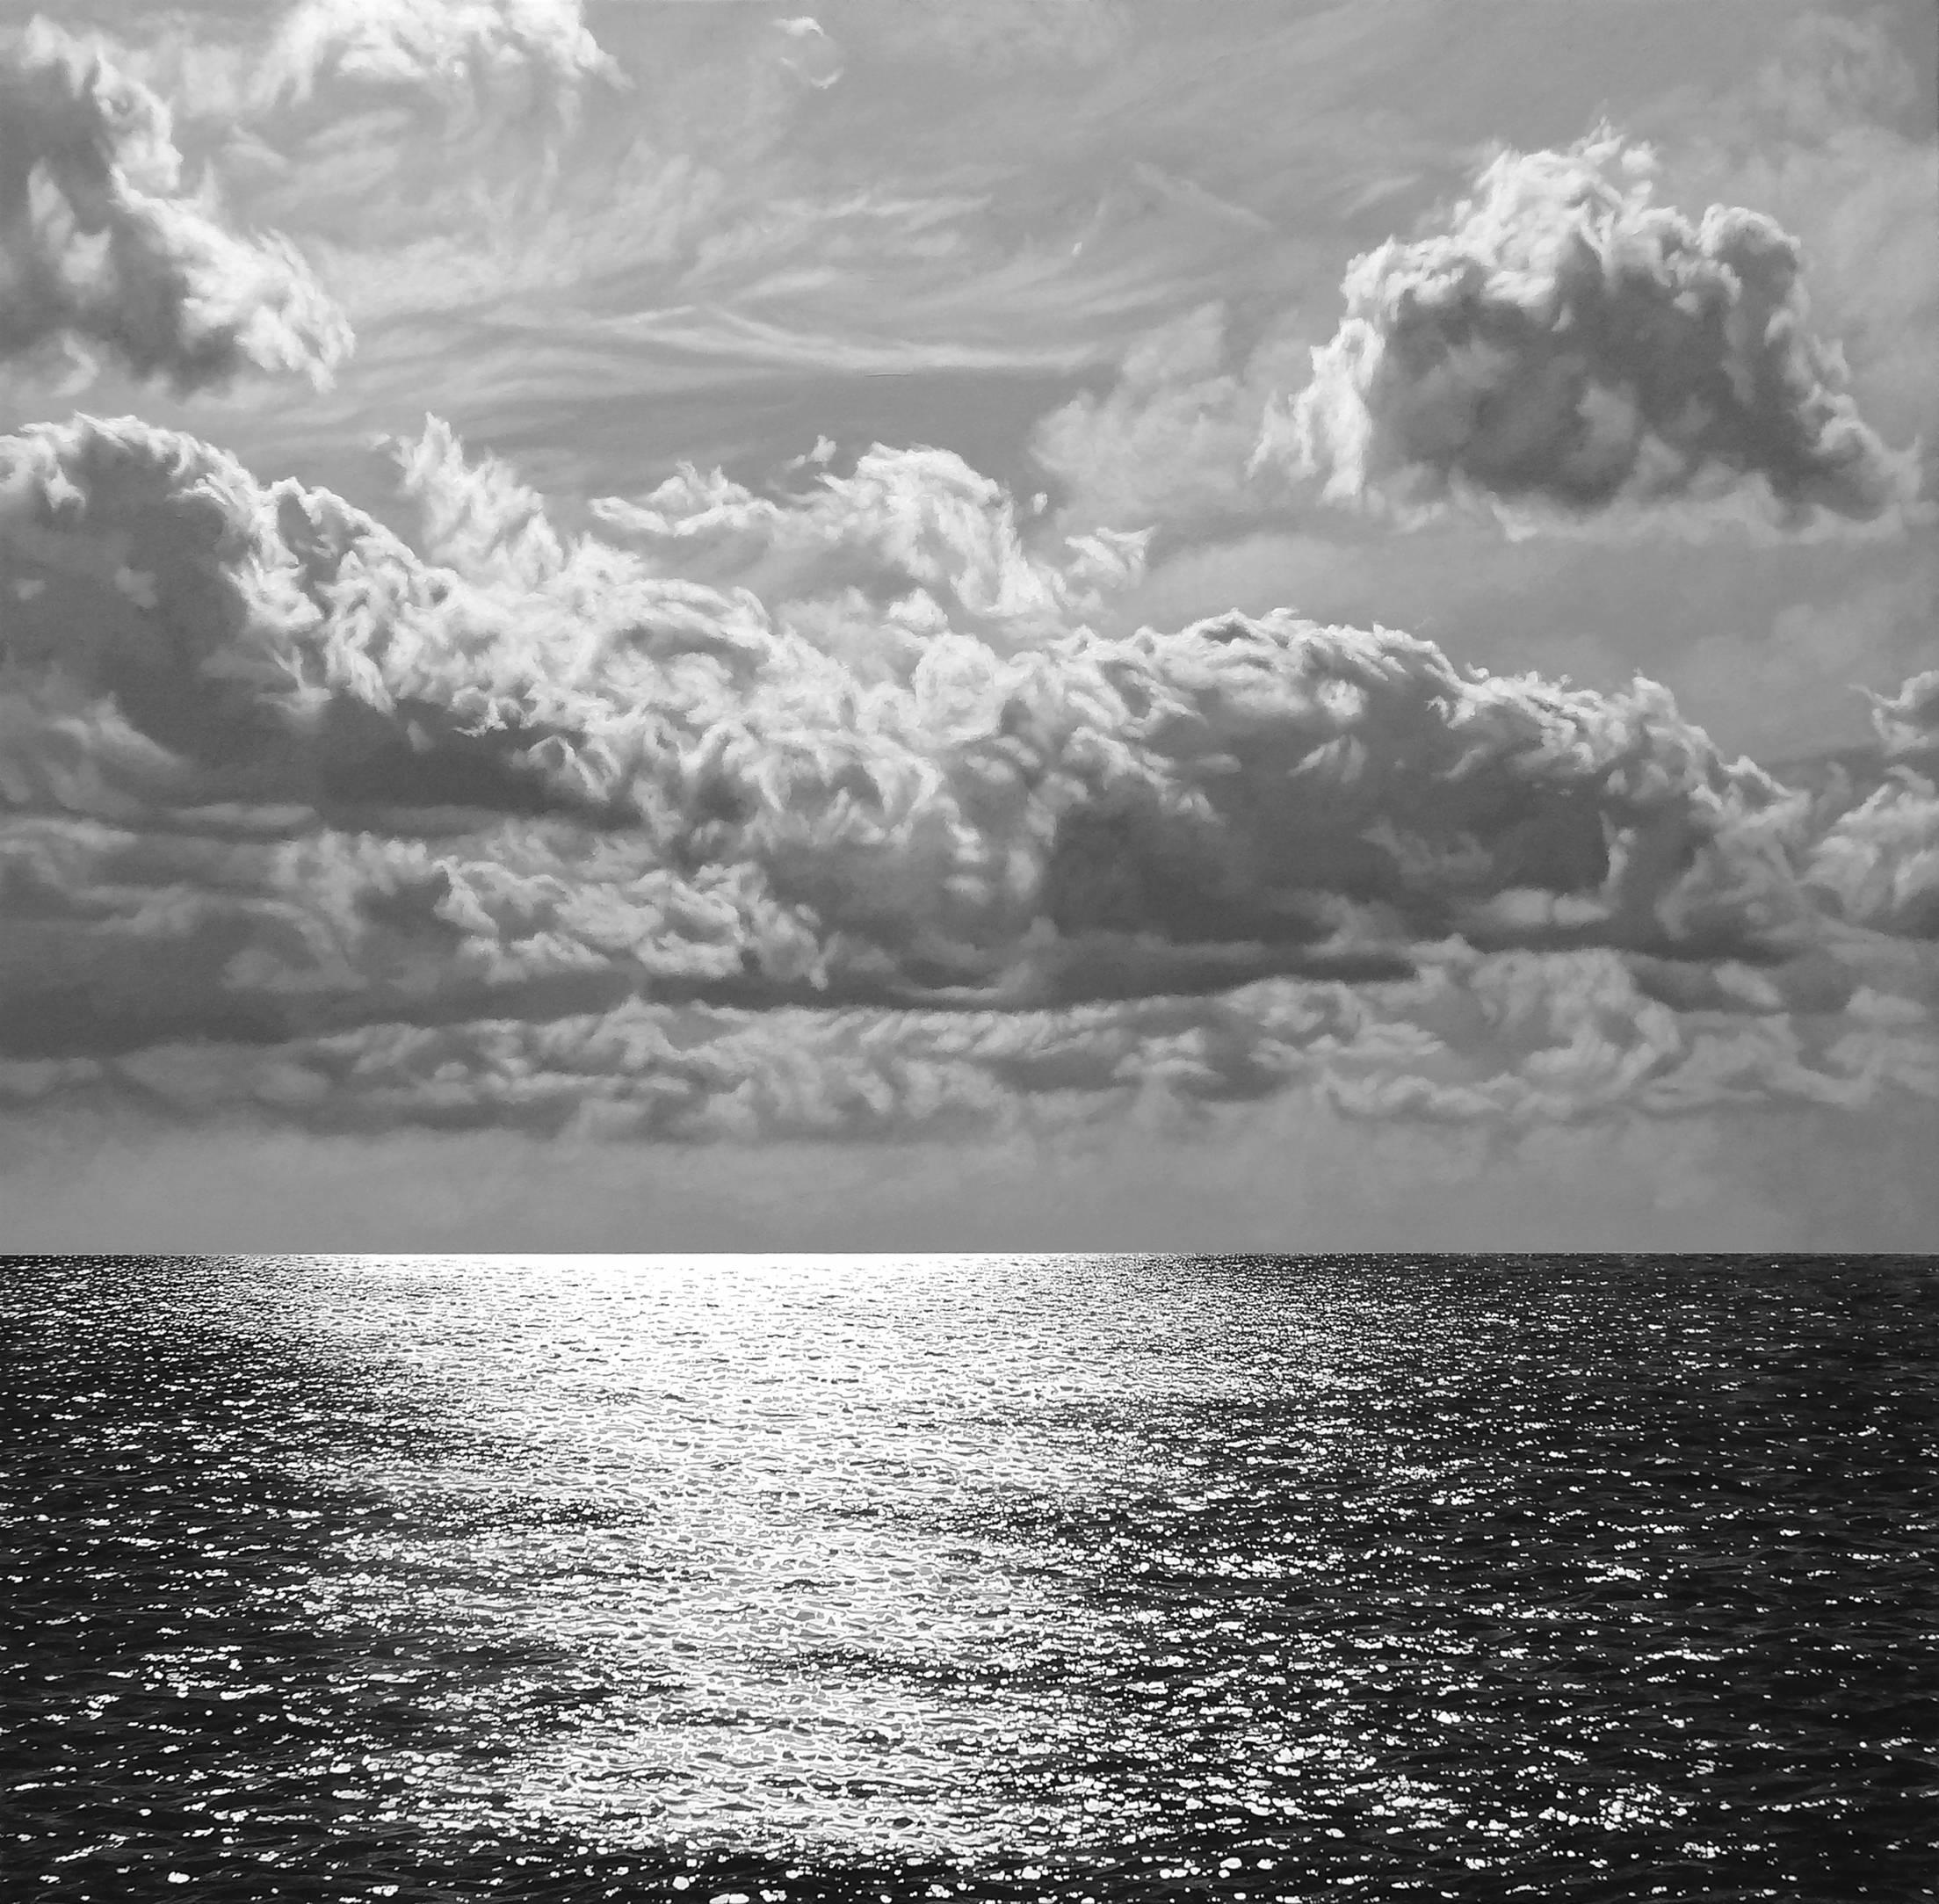 Mar y cielo en gris atardecer (2013) - Luis Antonio Espinosa Fruto